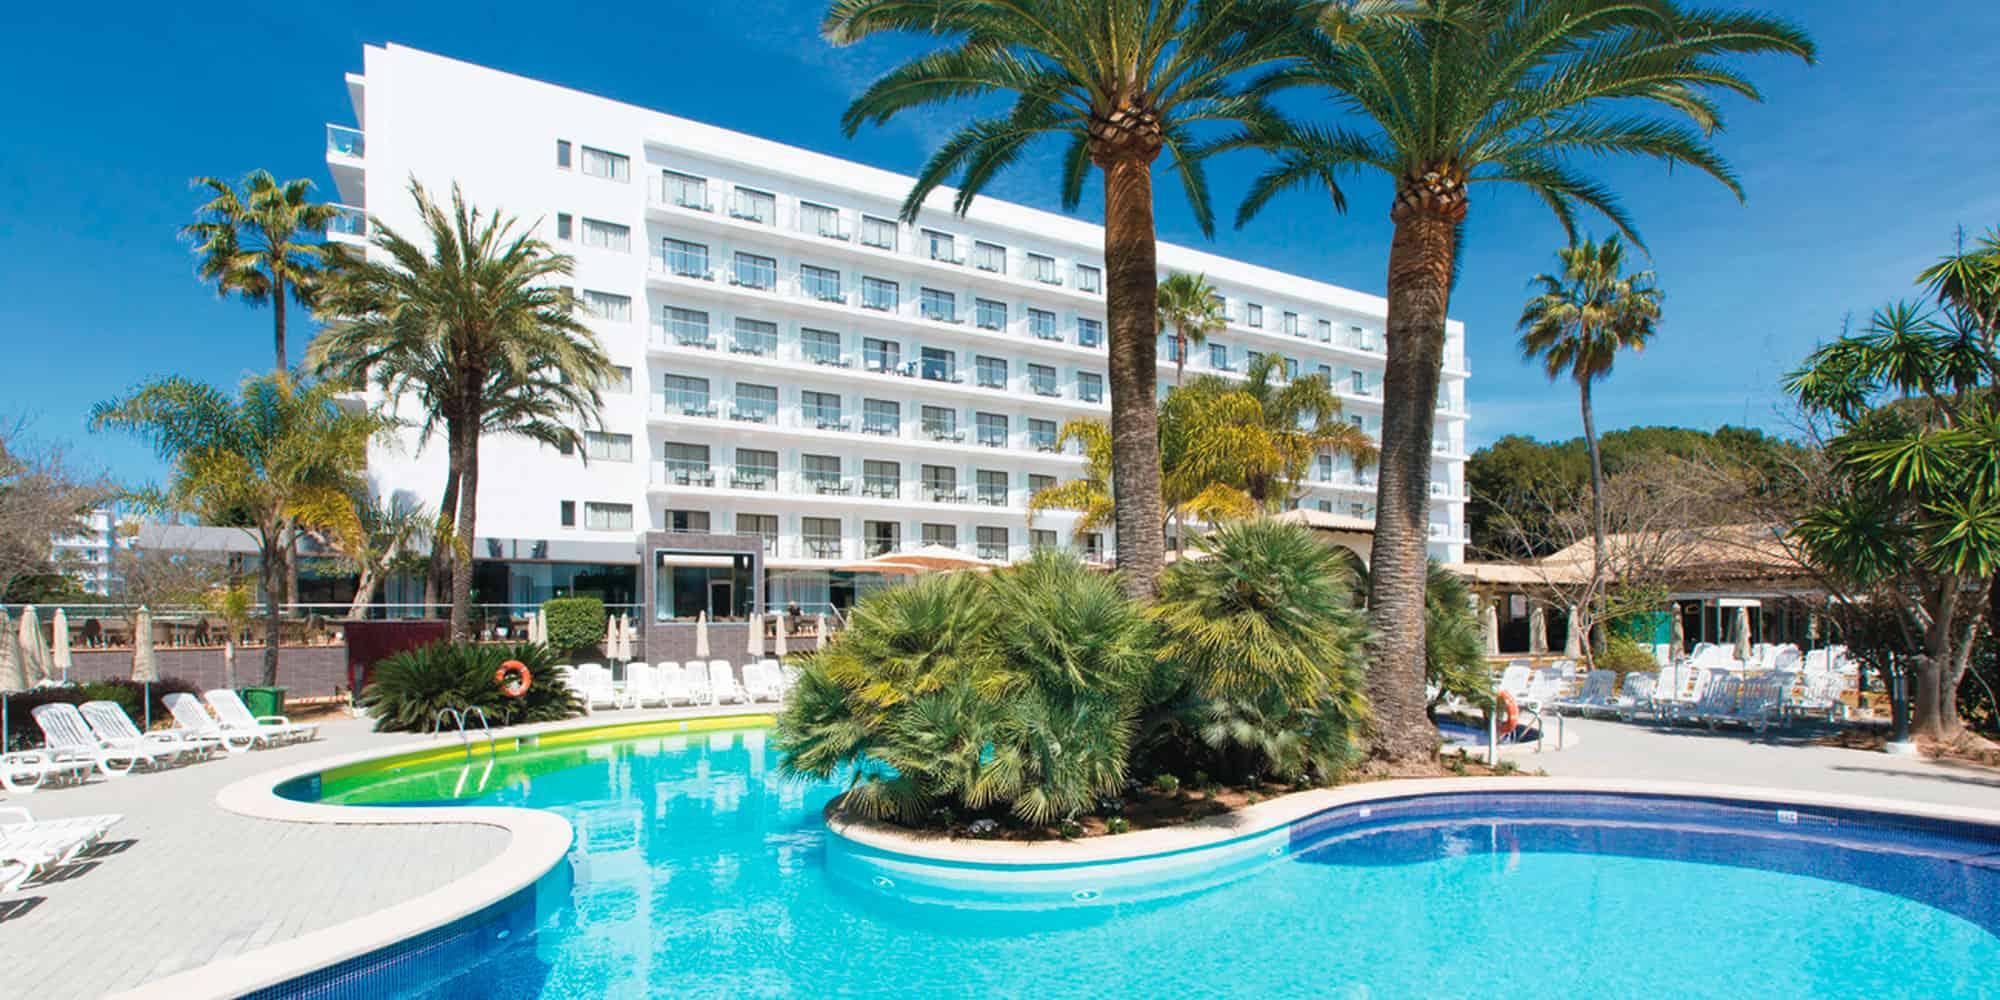 Hotel Riu Bravo | All-Inclusive-Hotel Arenal